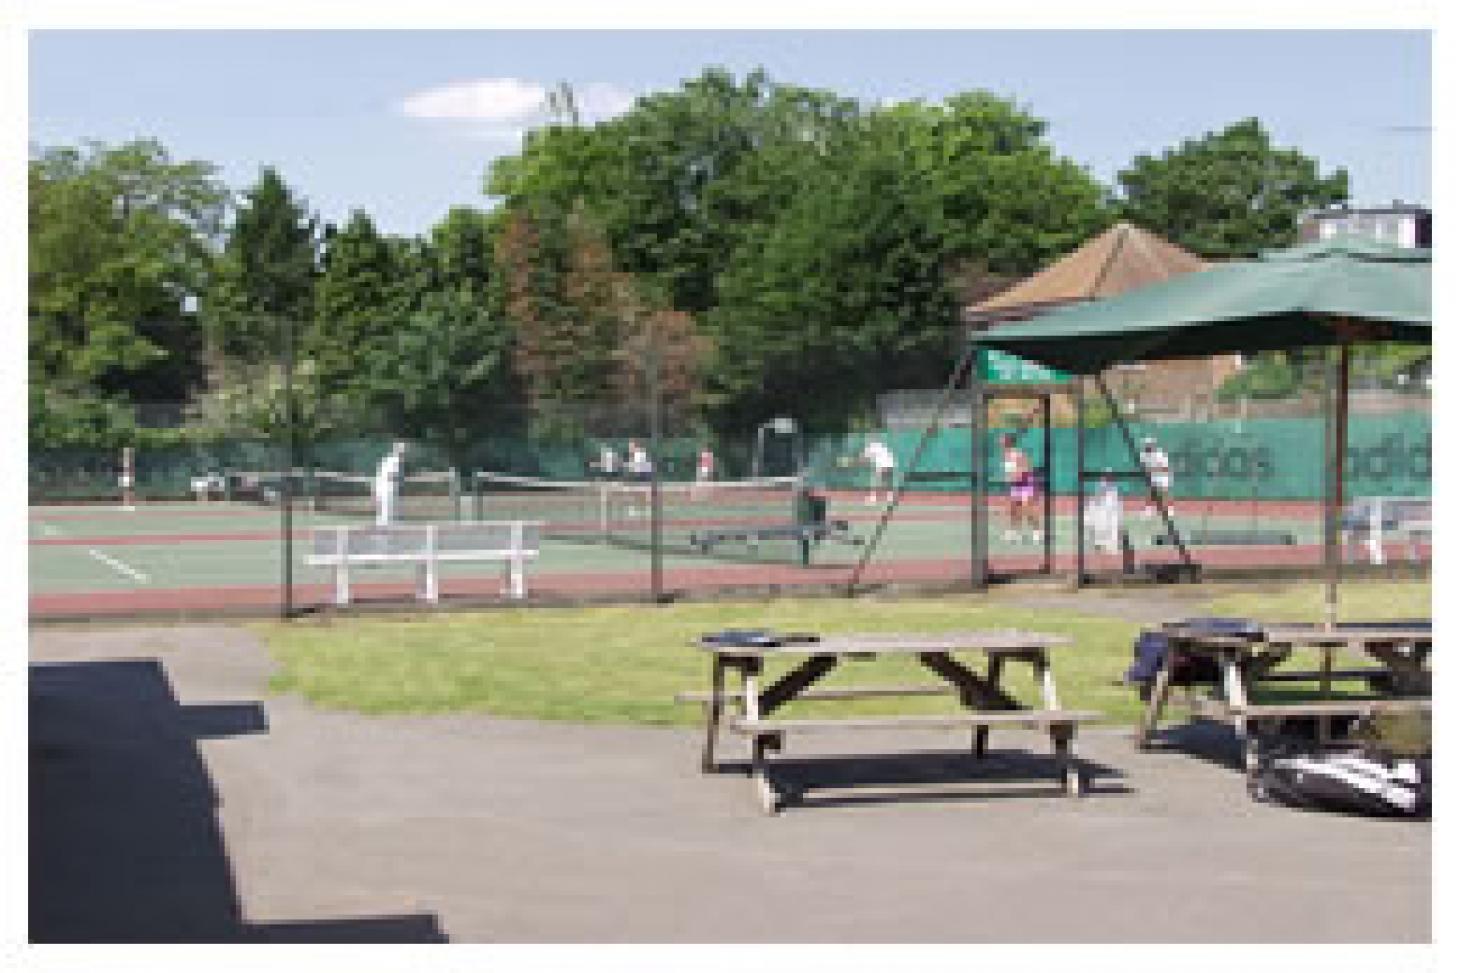 Sheen Lawn Tennis & Squash Club Outdoor | Hard (macadam) tennis court